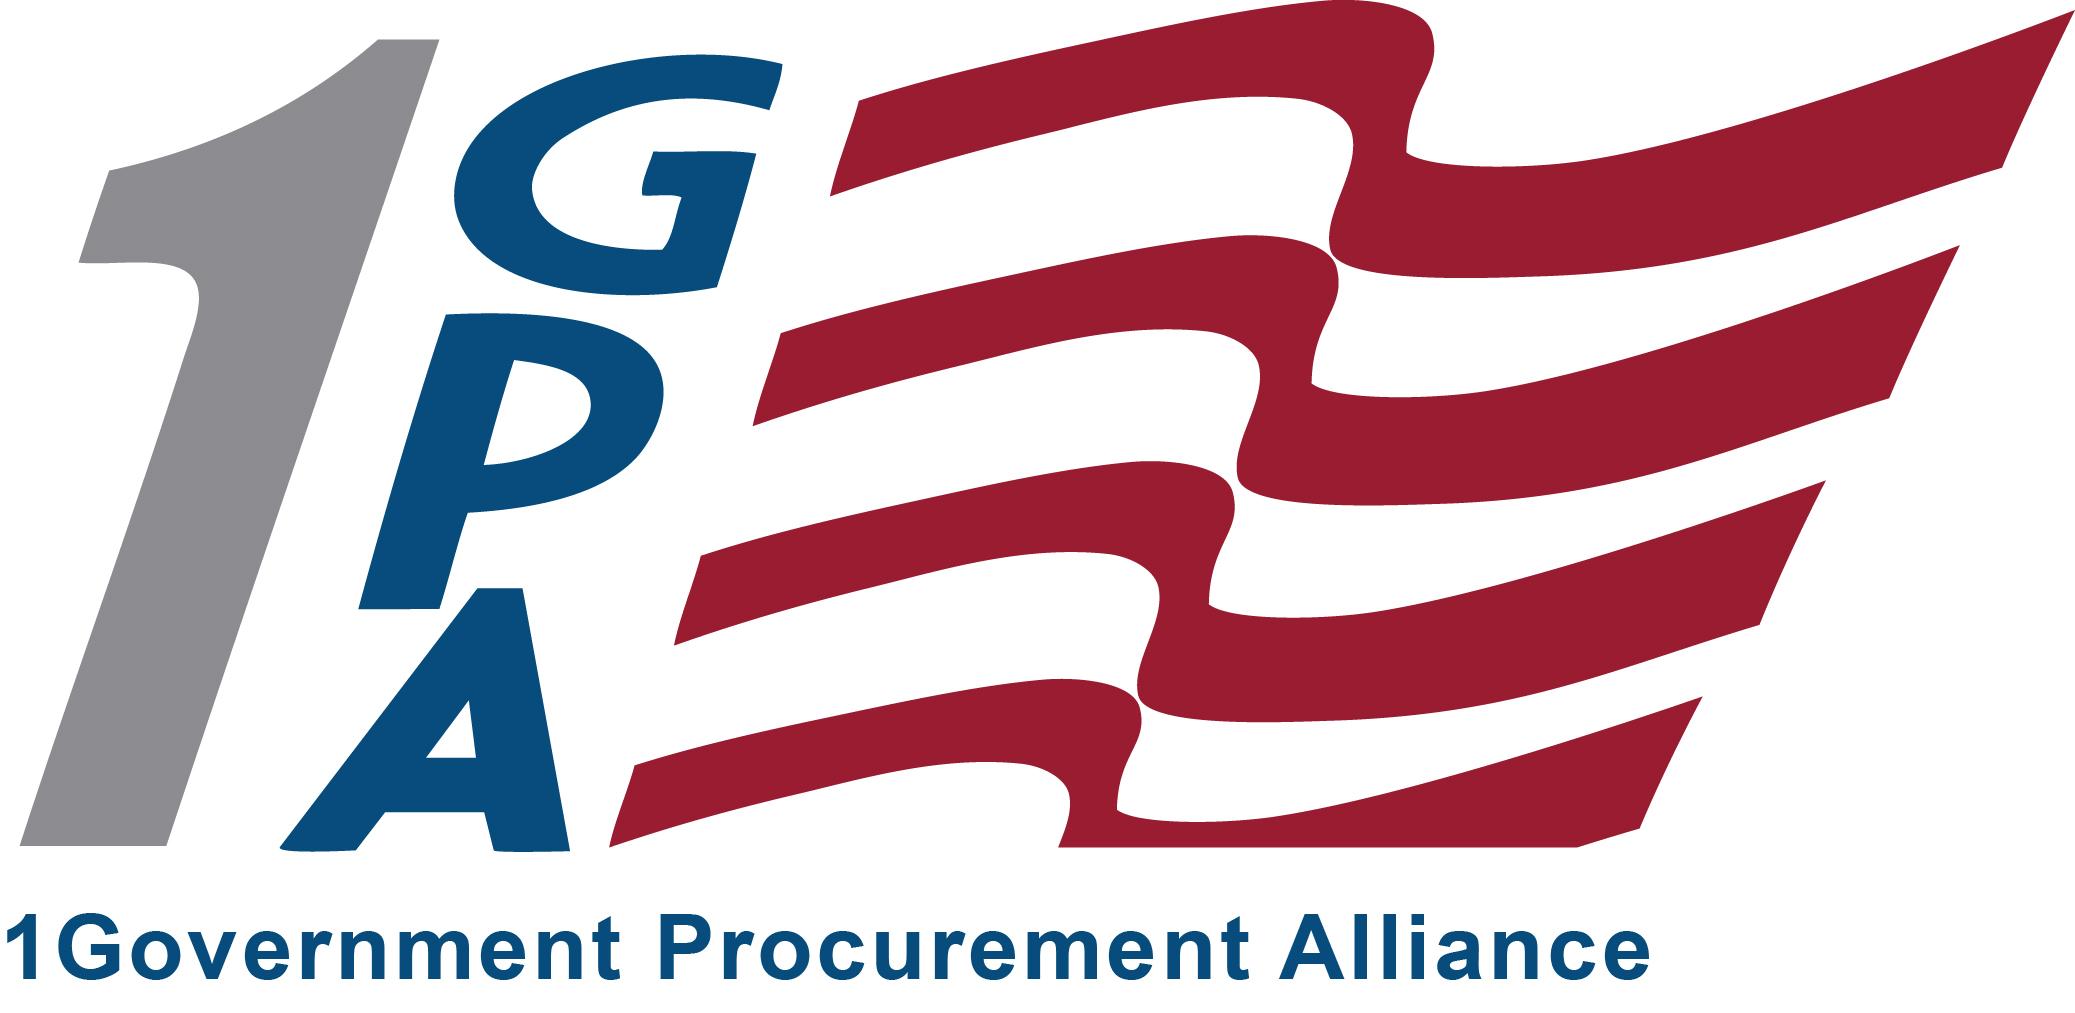 1GPA logo.jpg